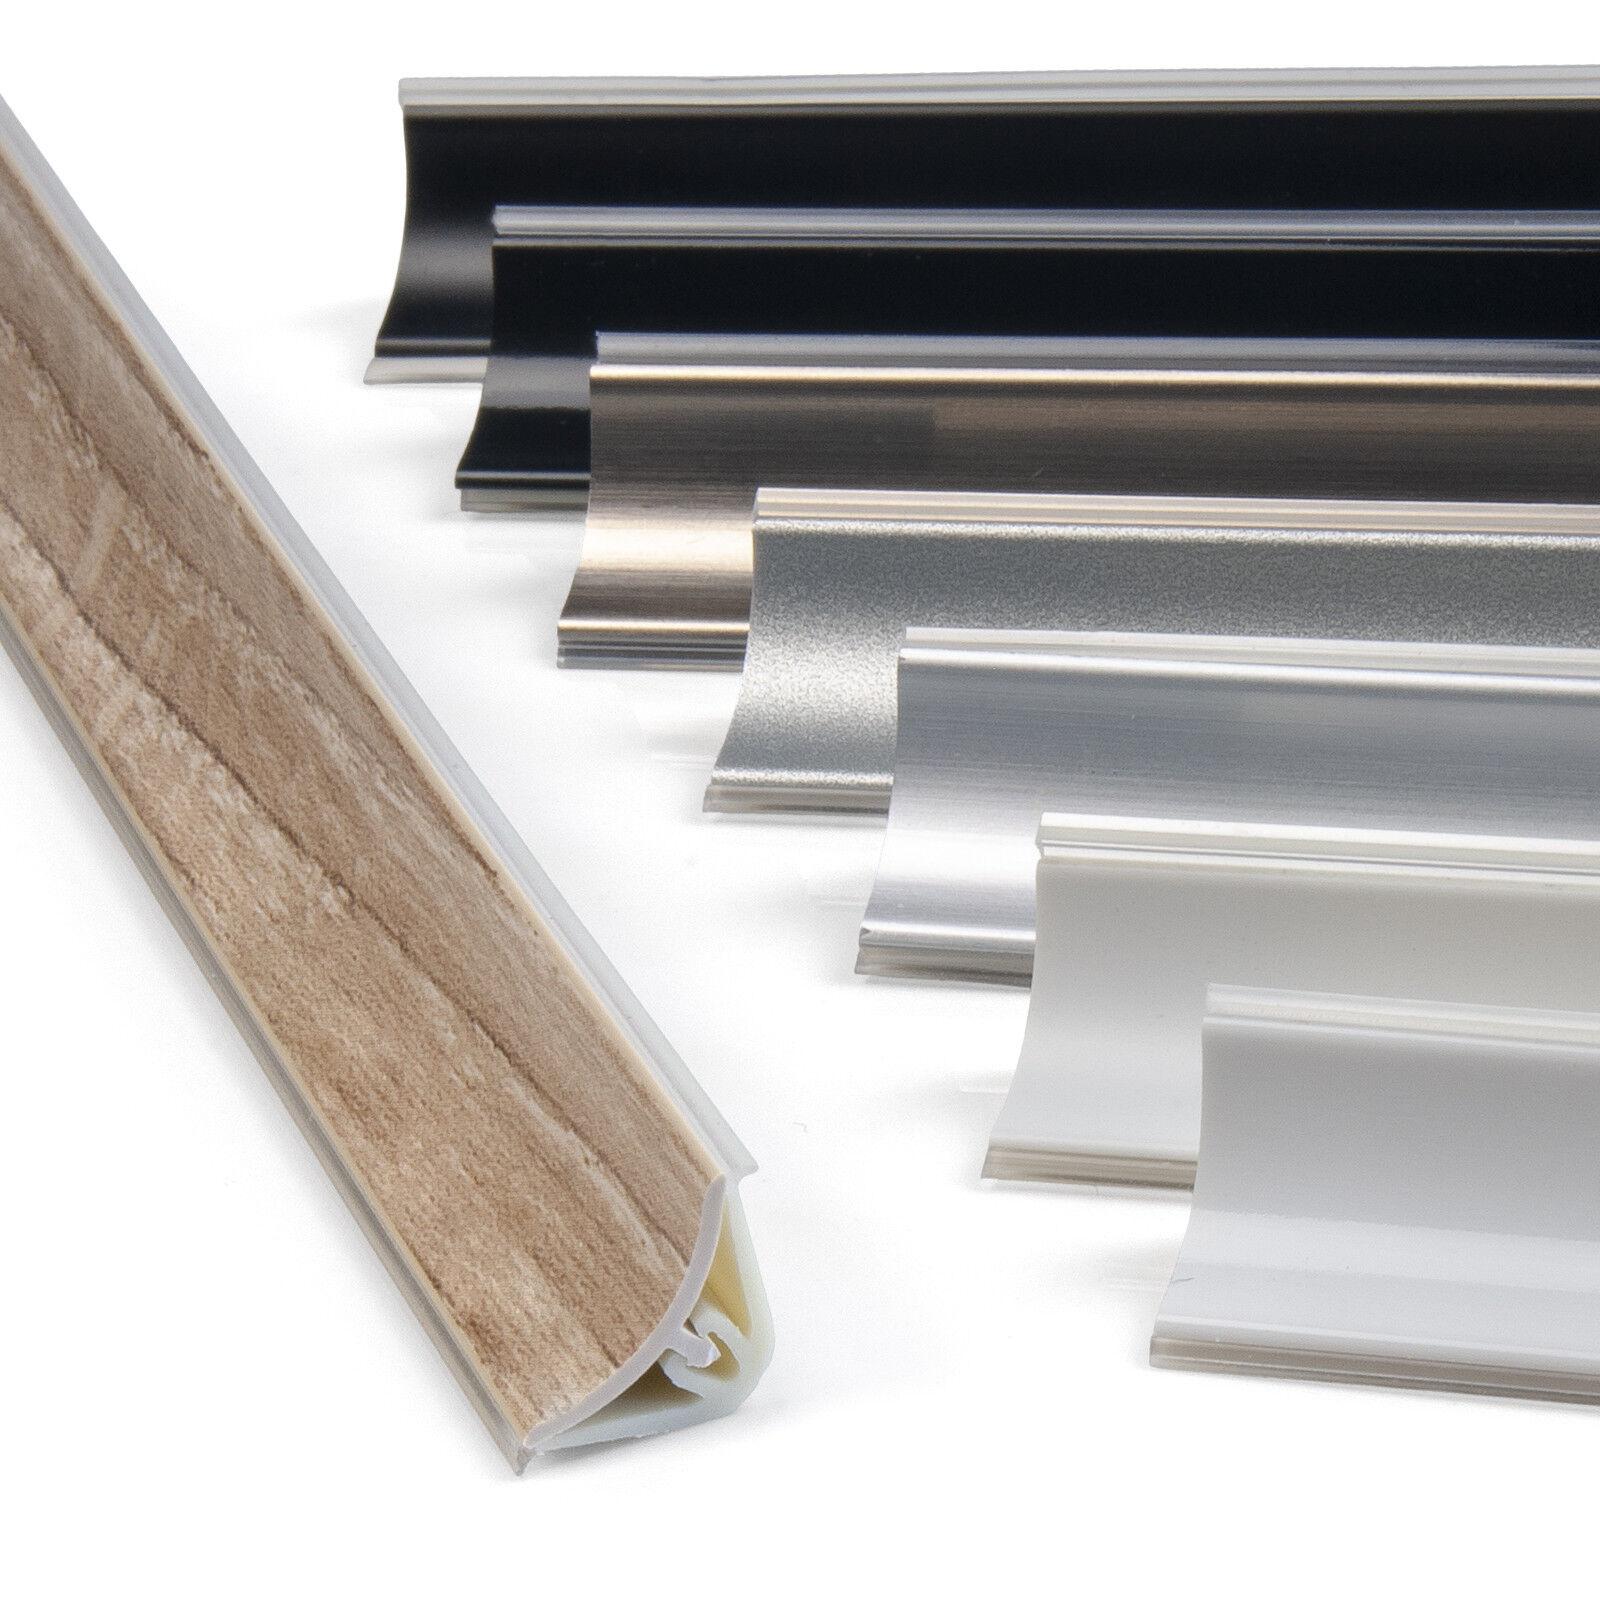 Abschlußleisten 13x13 Leisten für Arbeitsplatte Küche Winkelleiste 1,5m & 3m